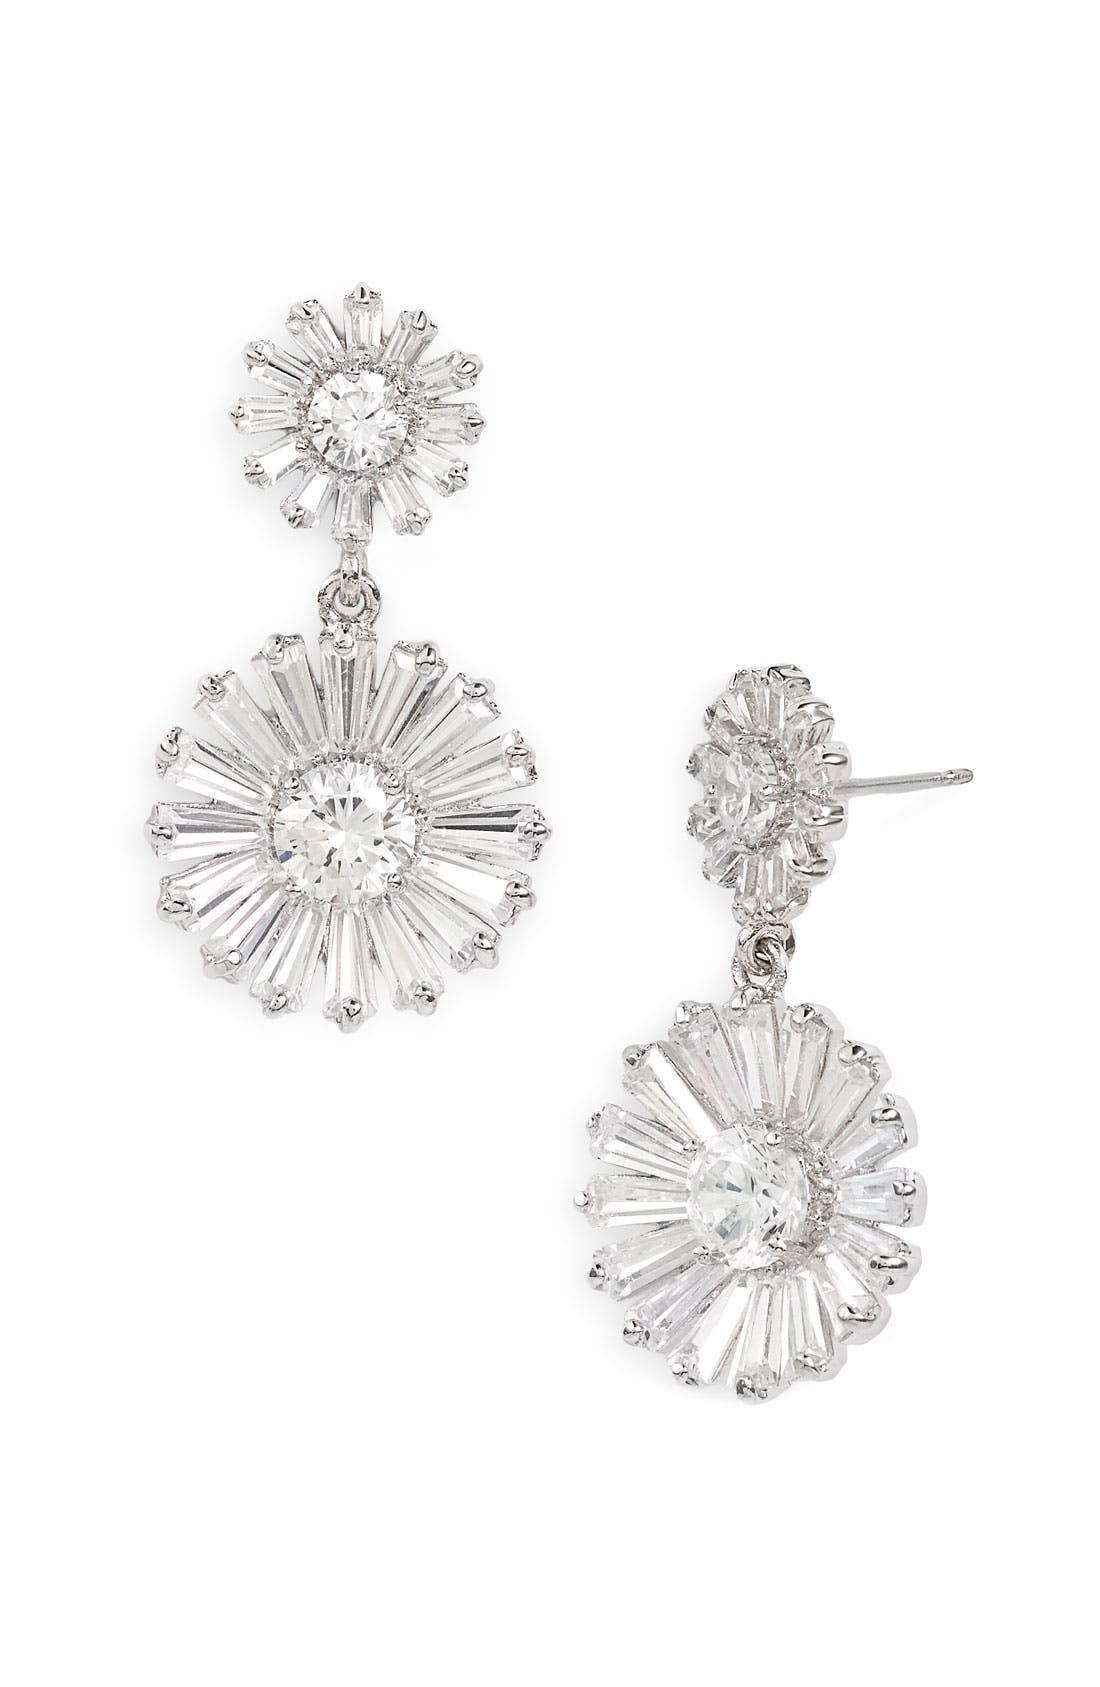 Alternate Image 1 Selected - kate spade new york 'crystal gardens' drop earrings